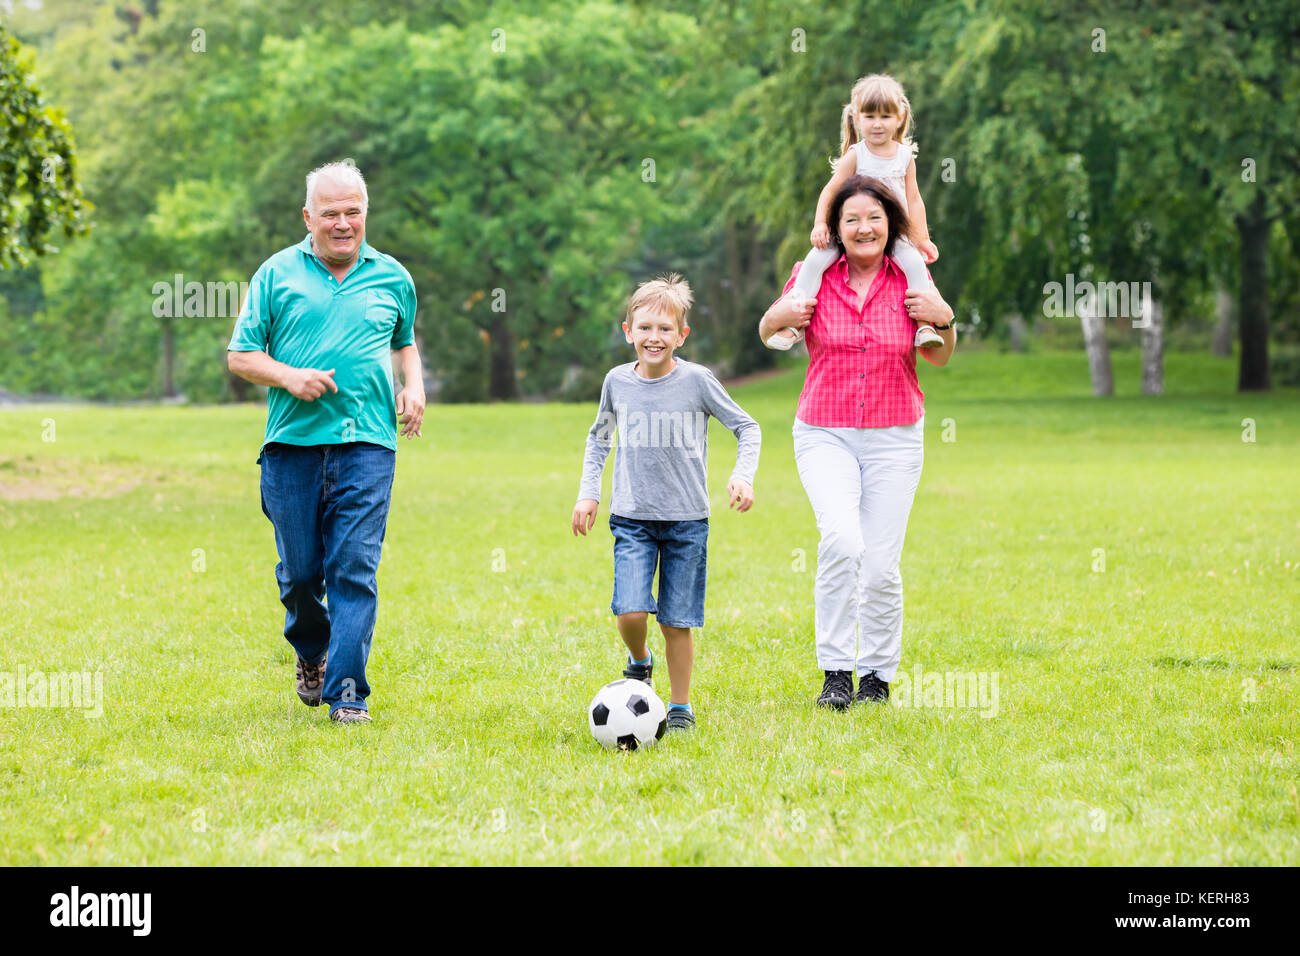 La famiglia felice la riproduzione di gioco del calcio con i nipoti insieme nel parco. in esecuzione per la sfera Foto Stock